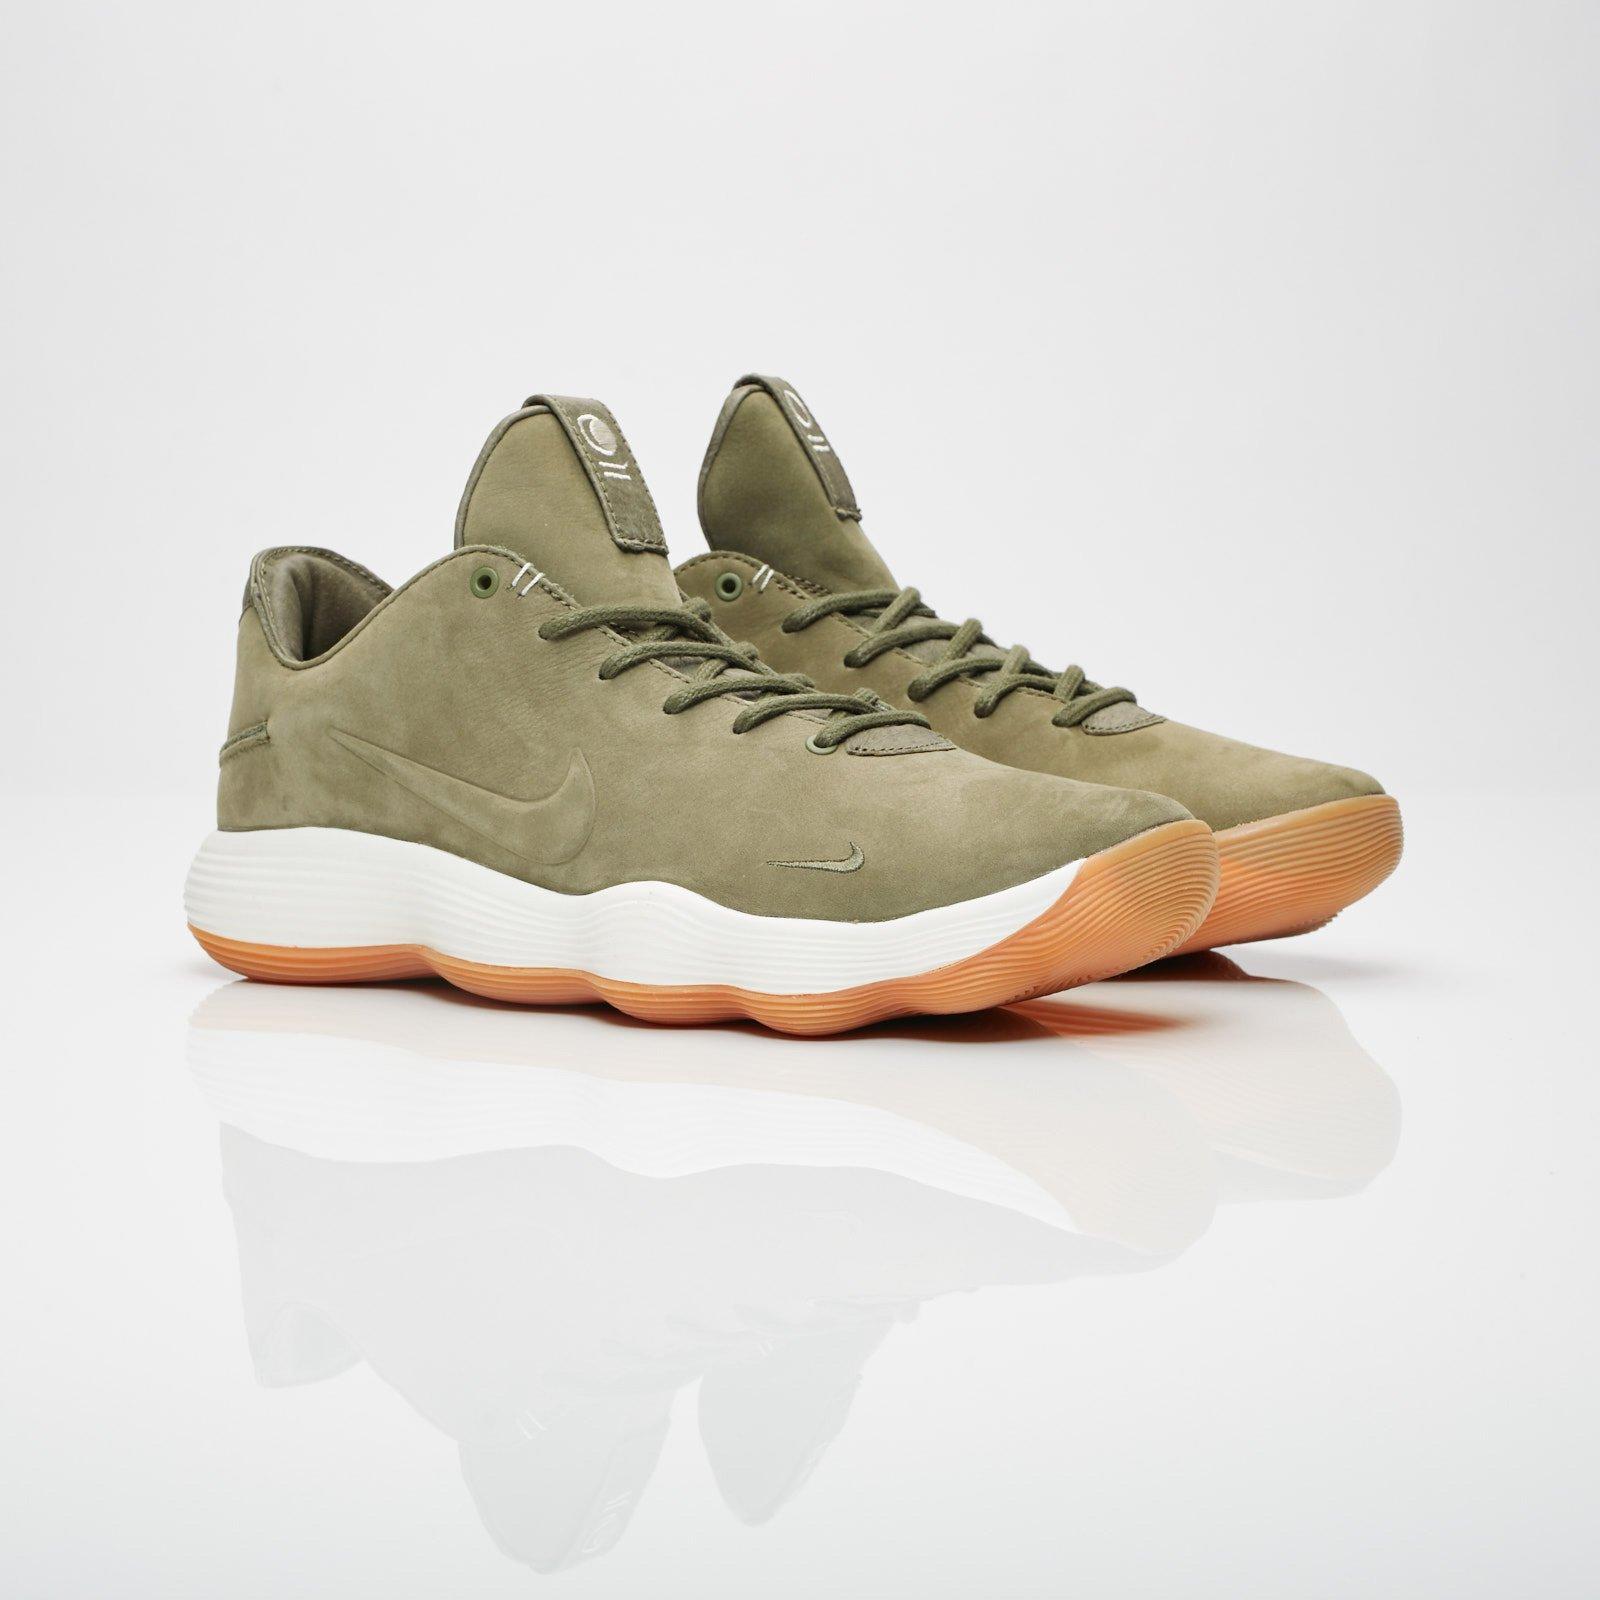 Nike Hyperdunk 2017 Low LMTD - 897636-902 - Sneakersnstuff ... d3f636dea0ff